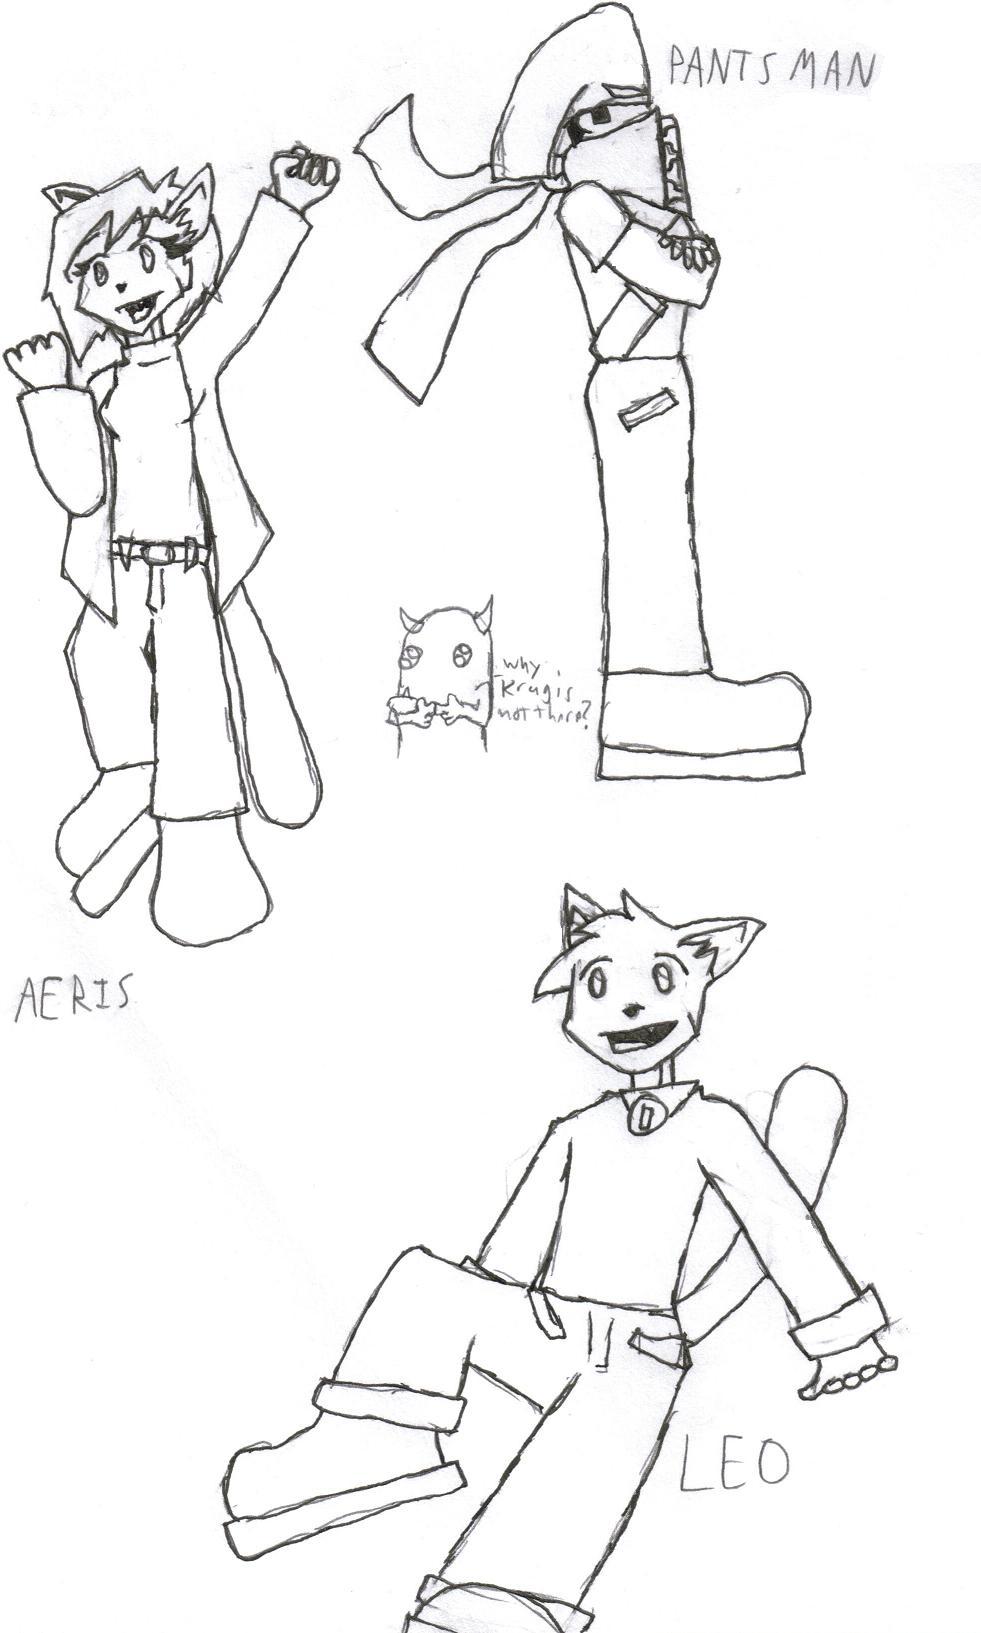 VG Cats & Pantsman by Raz